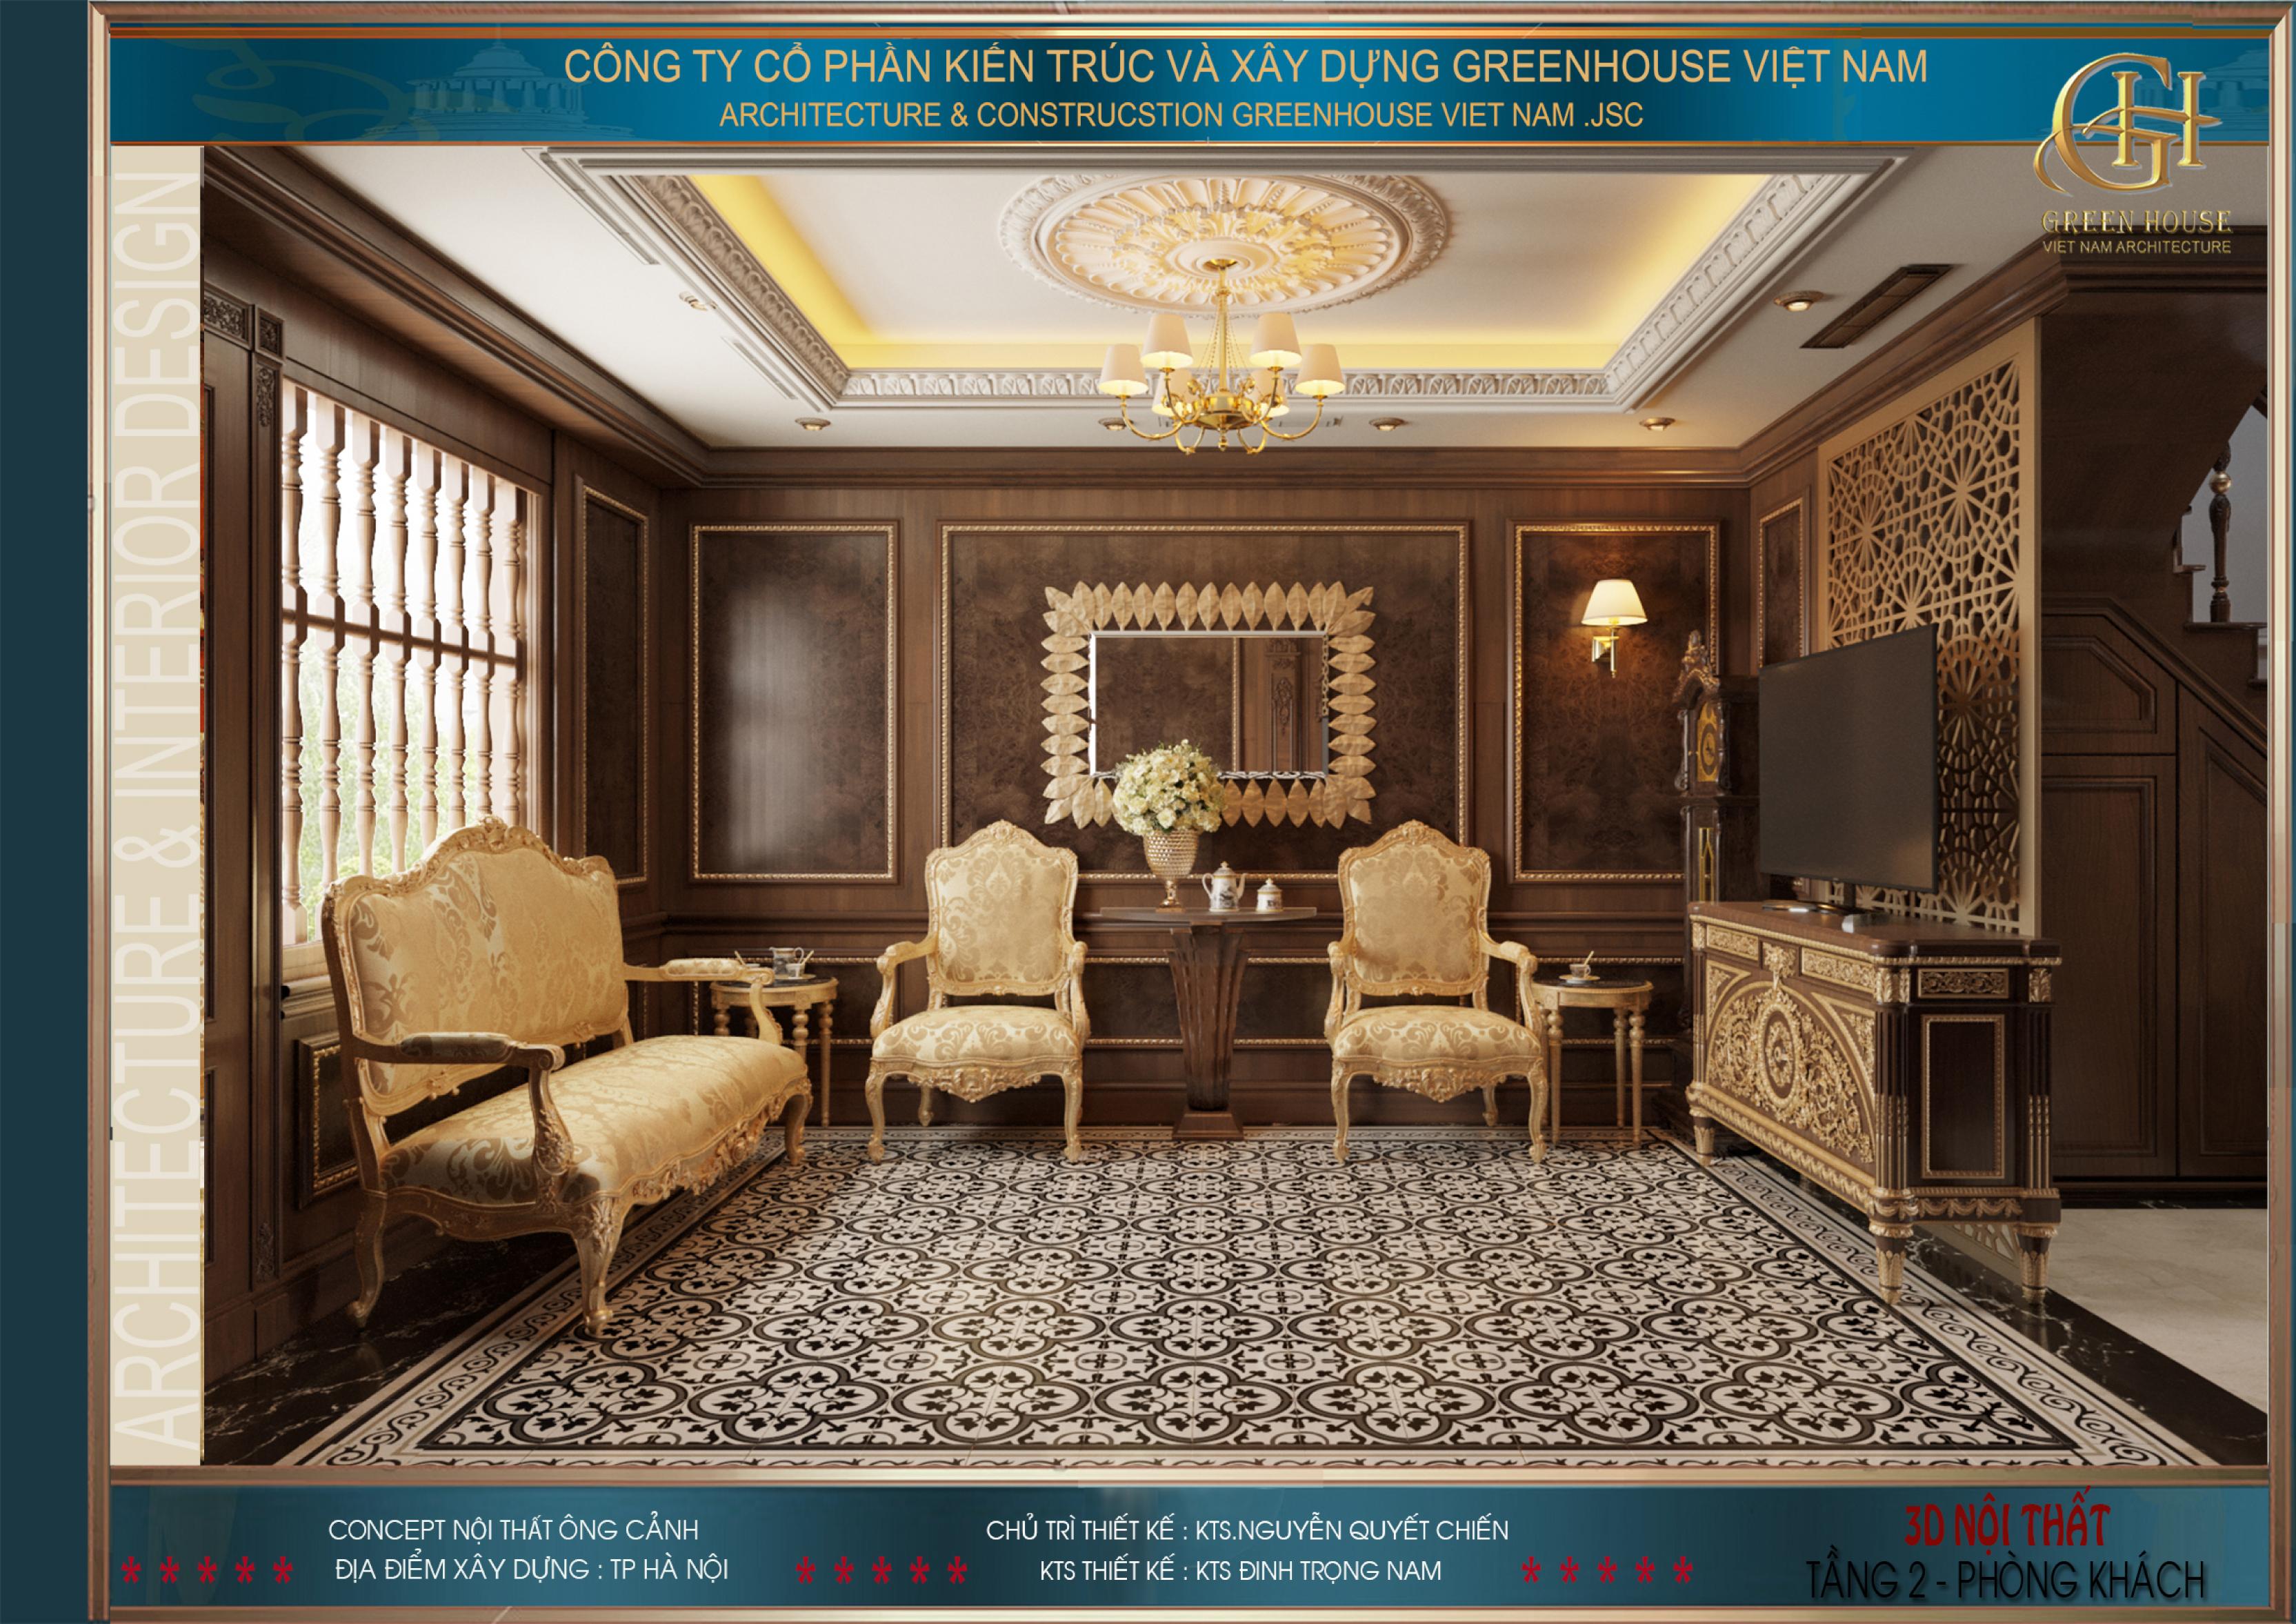 Bộ sofa cao cấp màu vàng tạo điểm nhấn ấn tượng cho không gian